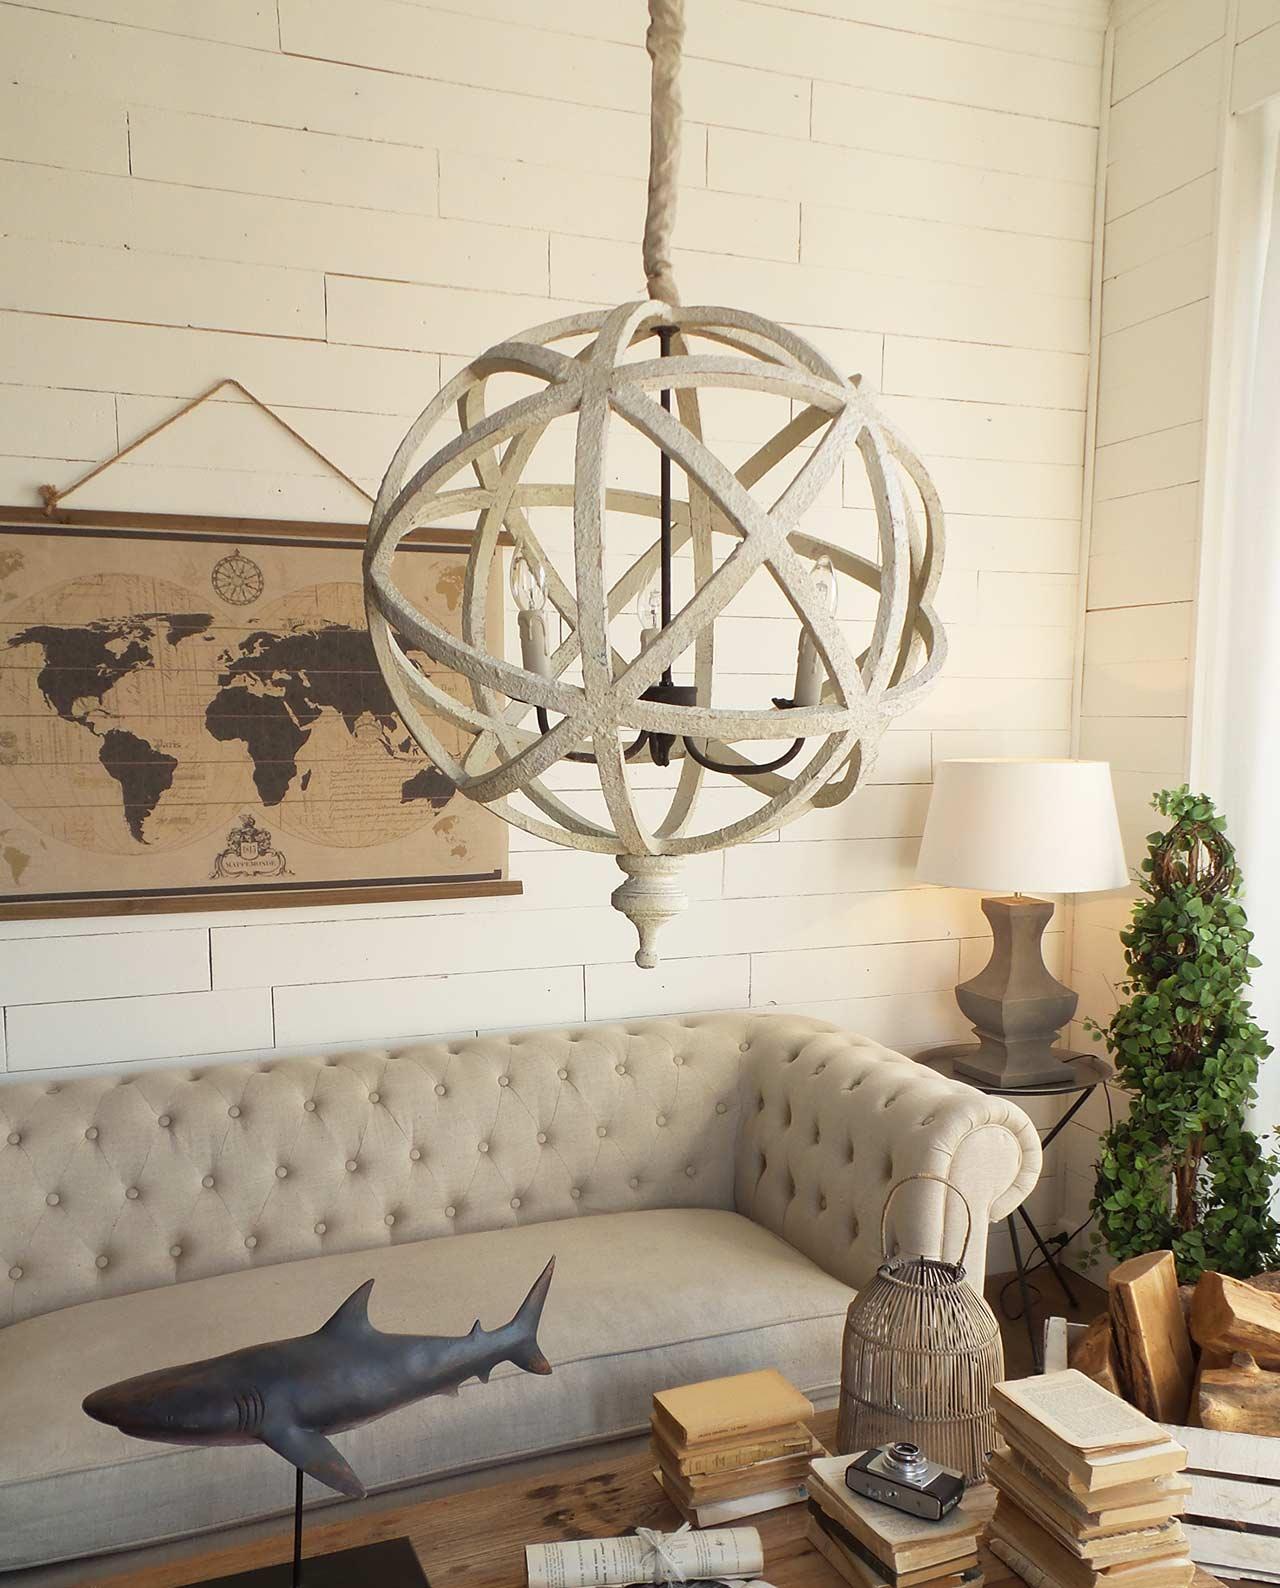 Lampadario sospensione sfera legno mobilia store home for Mobilia recensioni